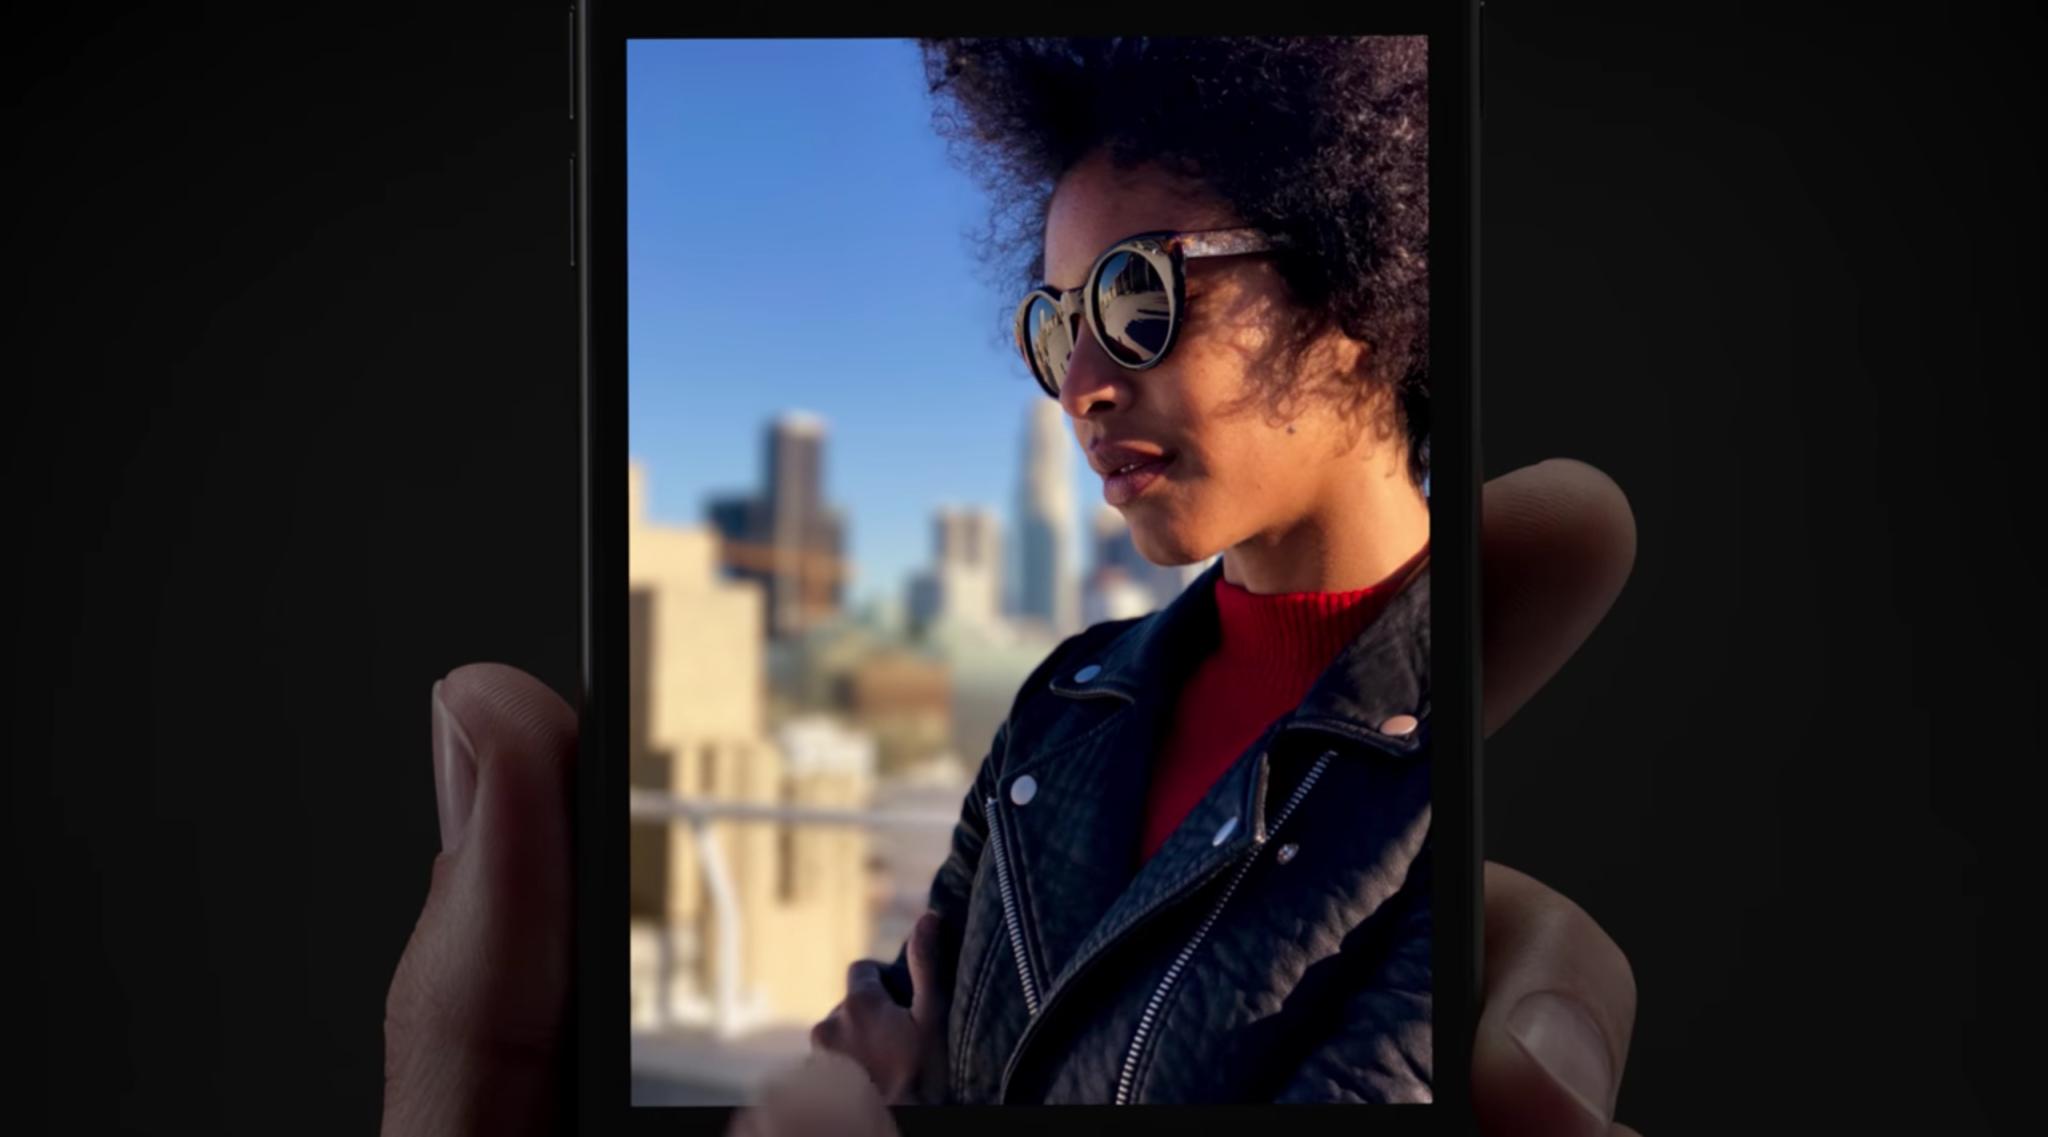 iphone 7 plus mode portrait pub Le mode portrait de liPhone 7 Plus mis en avant dans 2 publicités